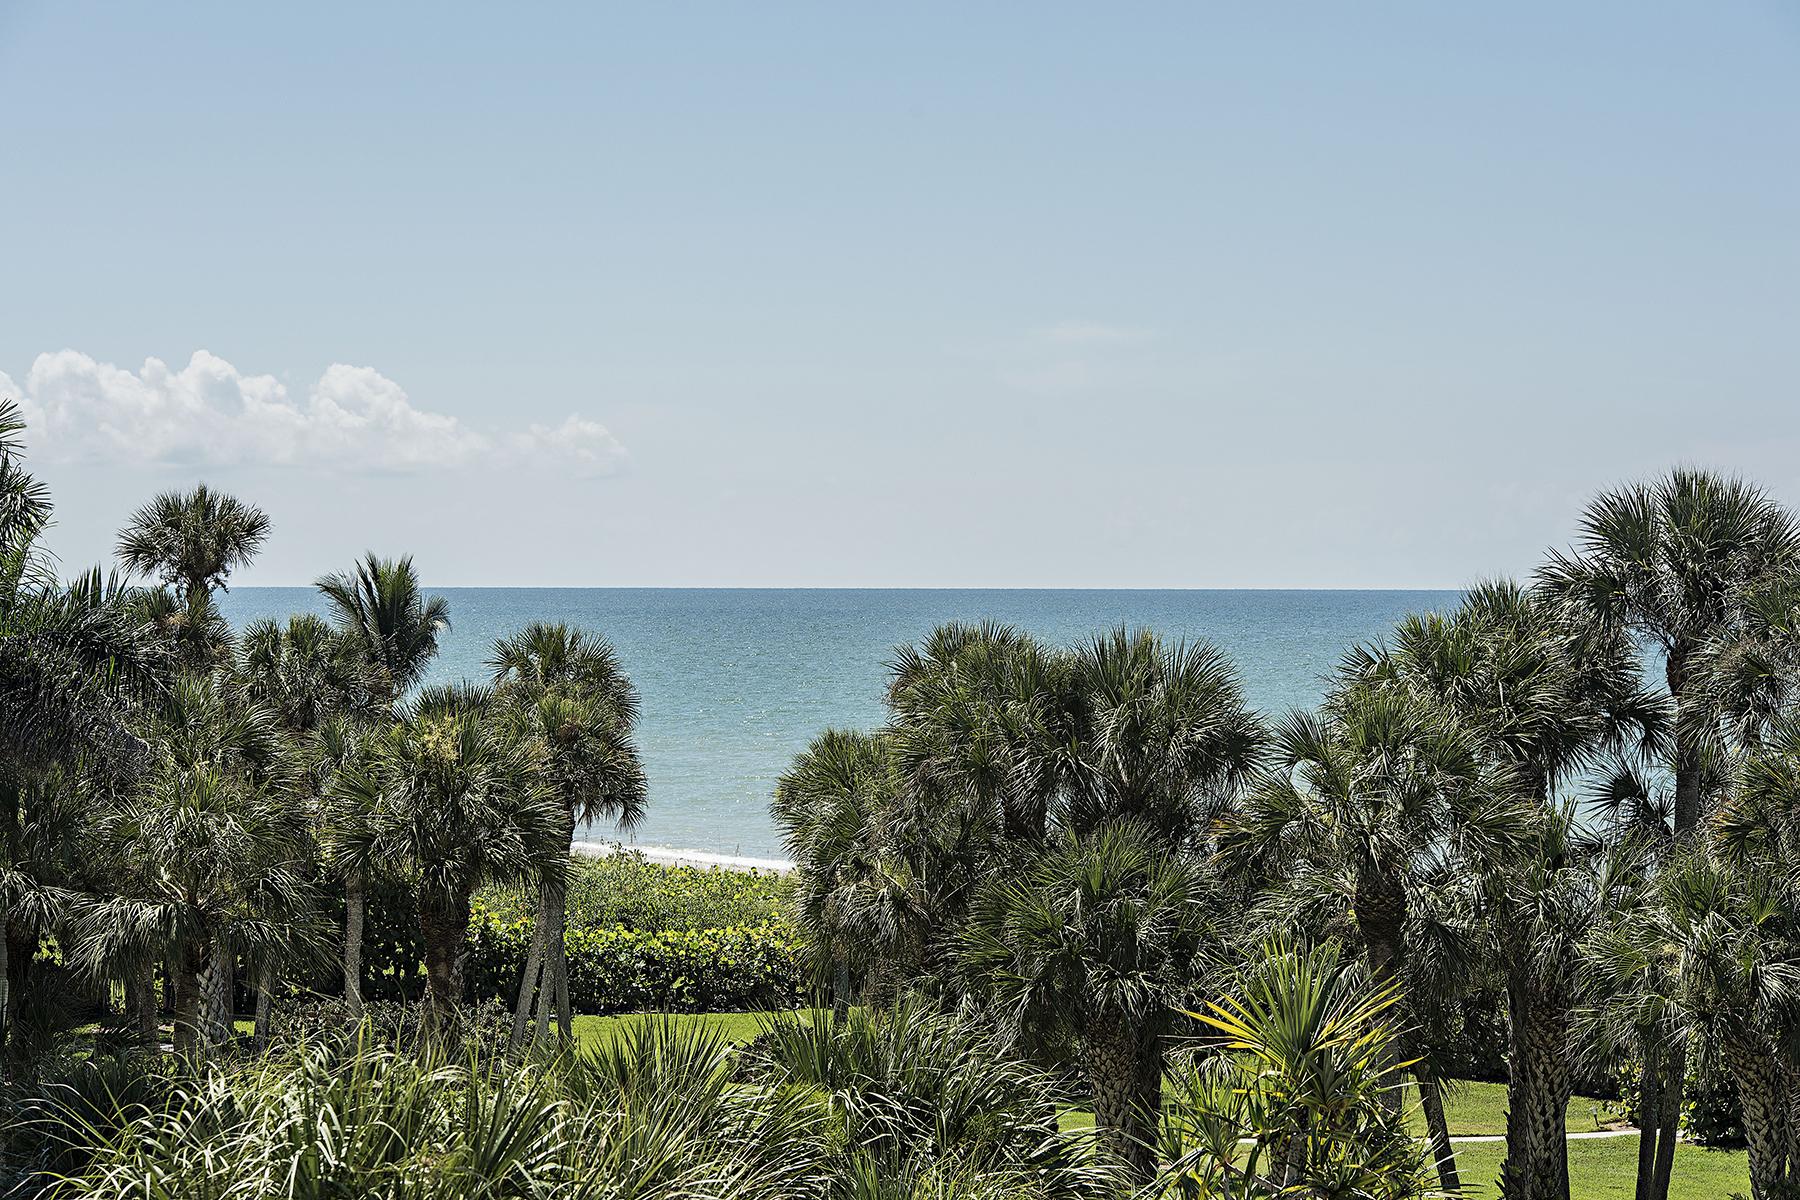 Кондоминиум для того Продажа на VANDERBILT BEACH - VANDERBILT GULFSIDE 10951 Gulfshore Dr 301 Naples, Флорида, 34108 Соединенные Штаты